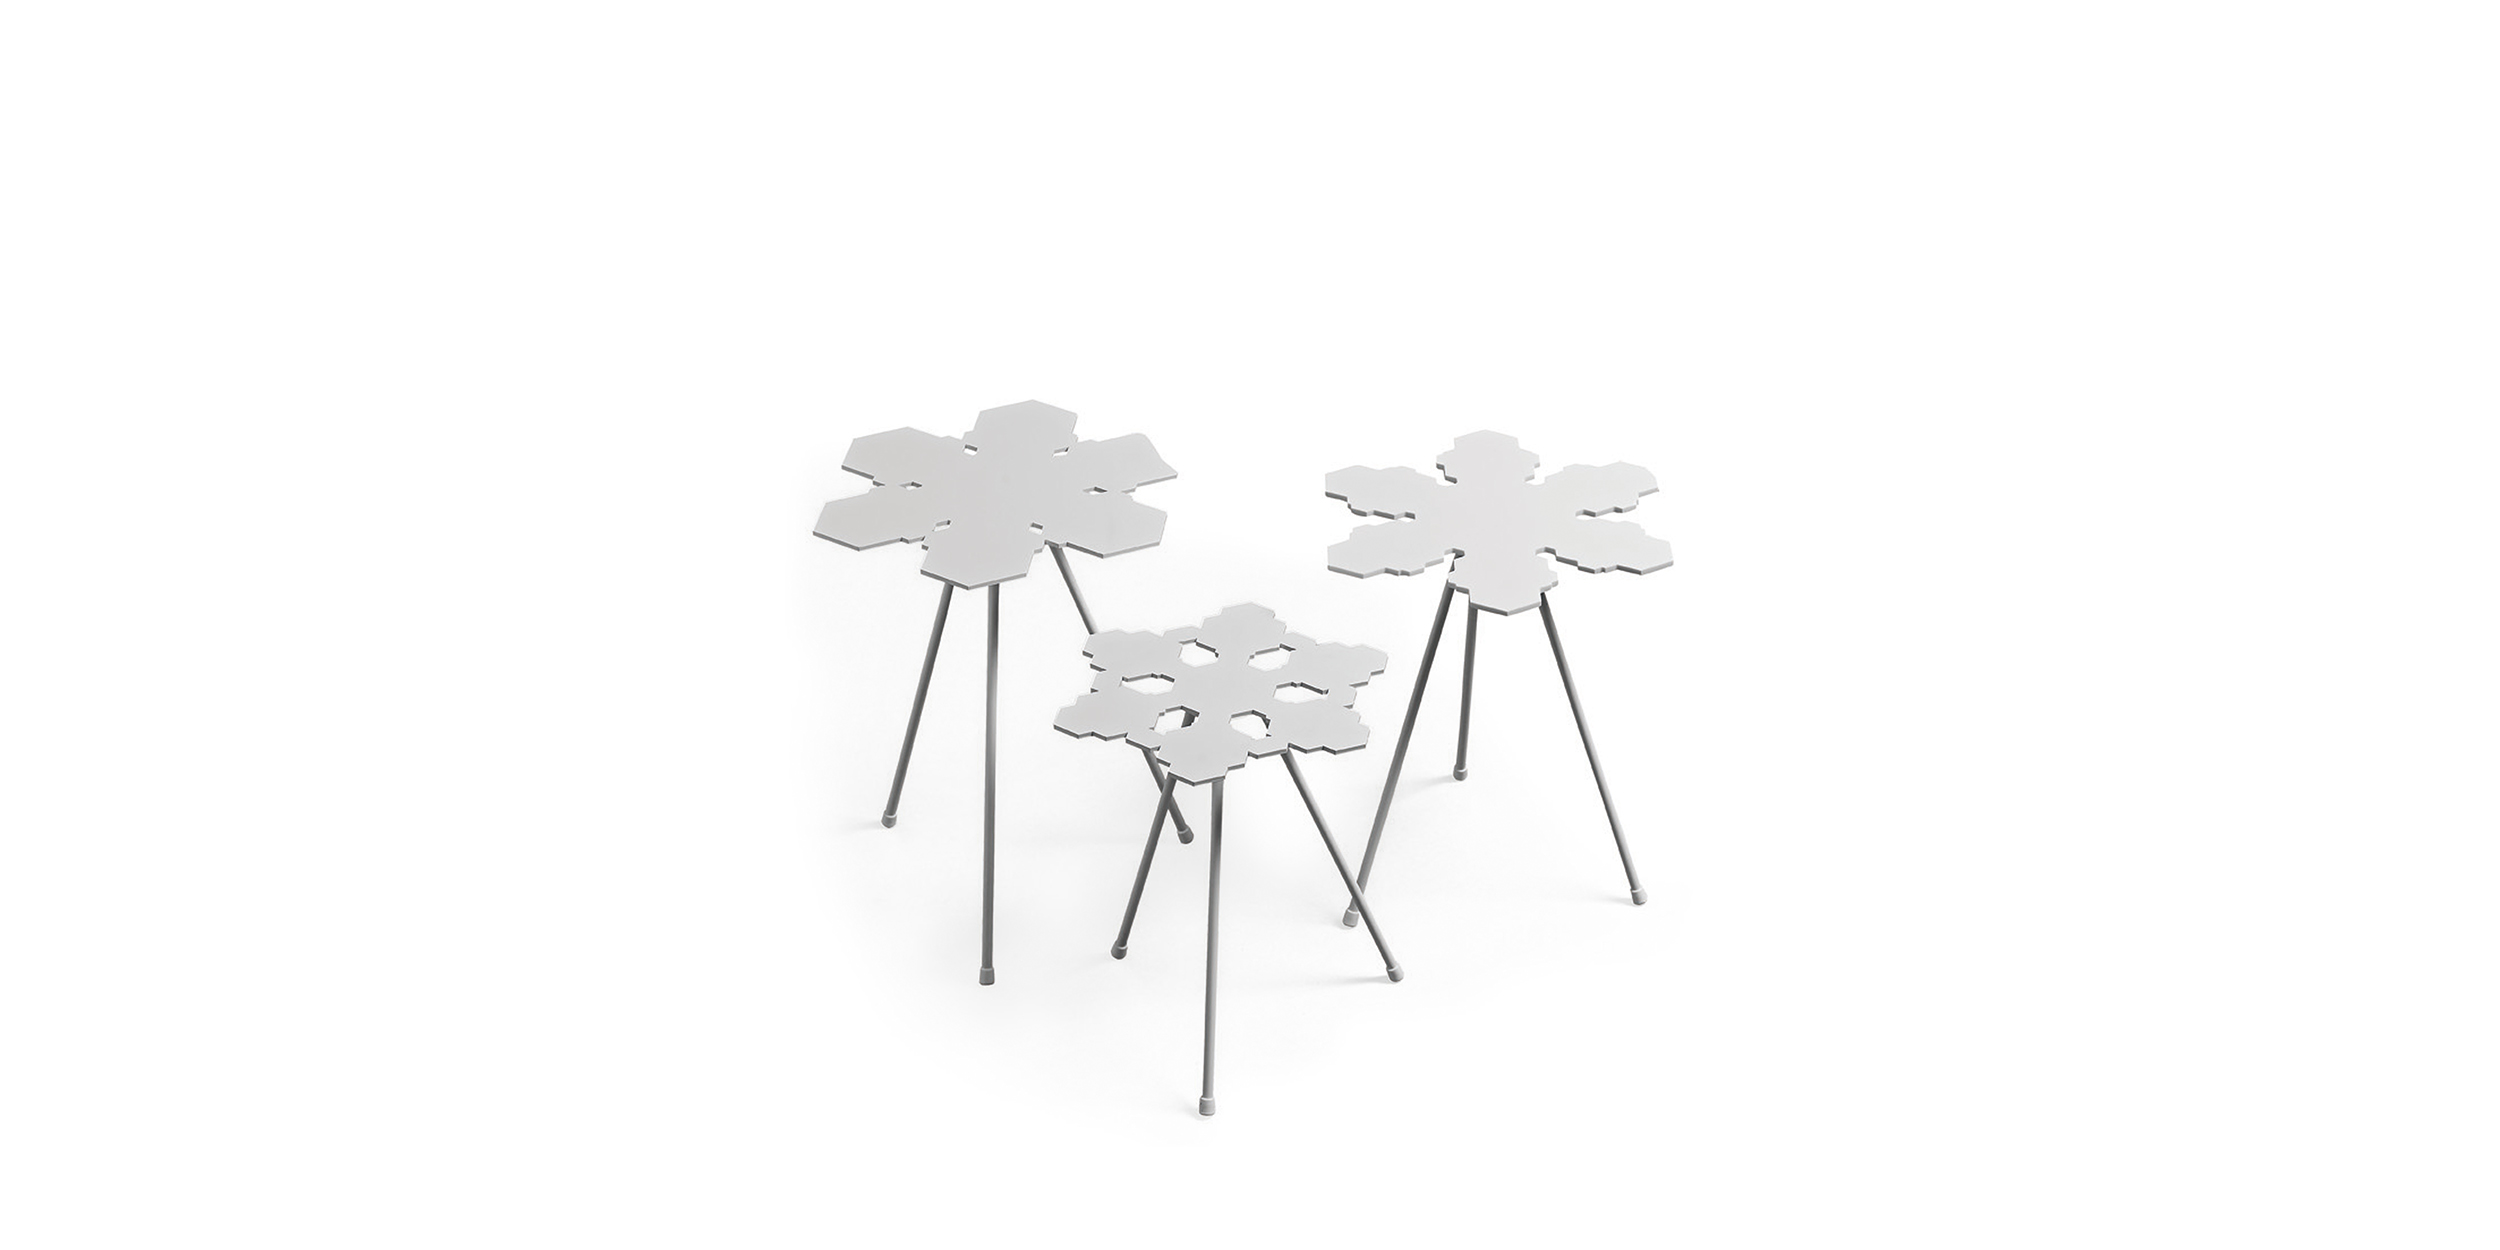 Snowflakes by Claesson Koivisto Rune